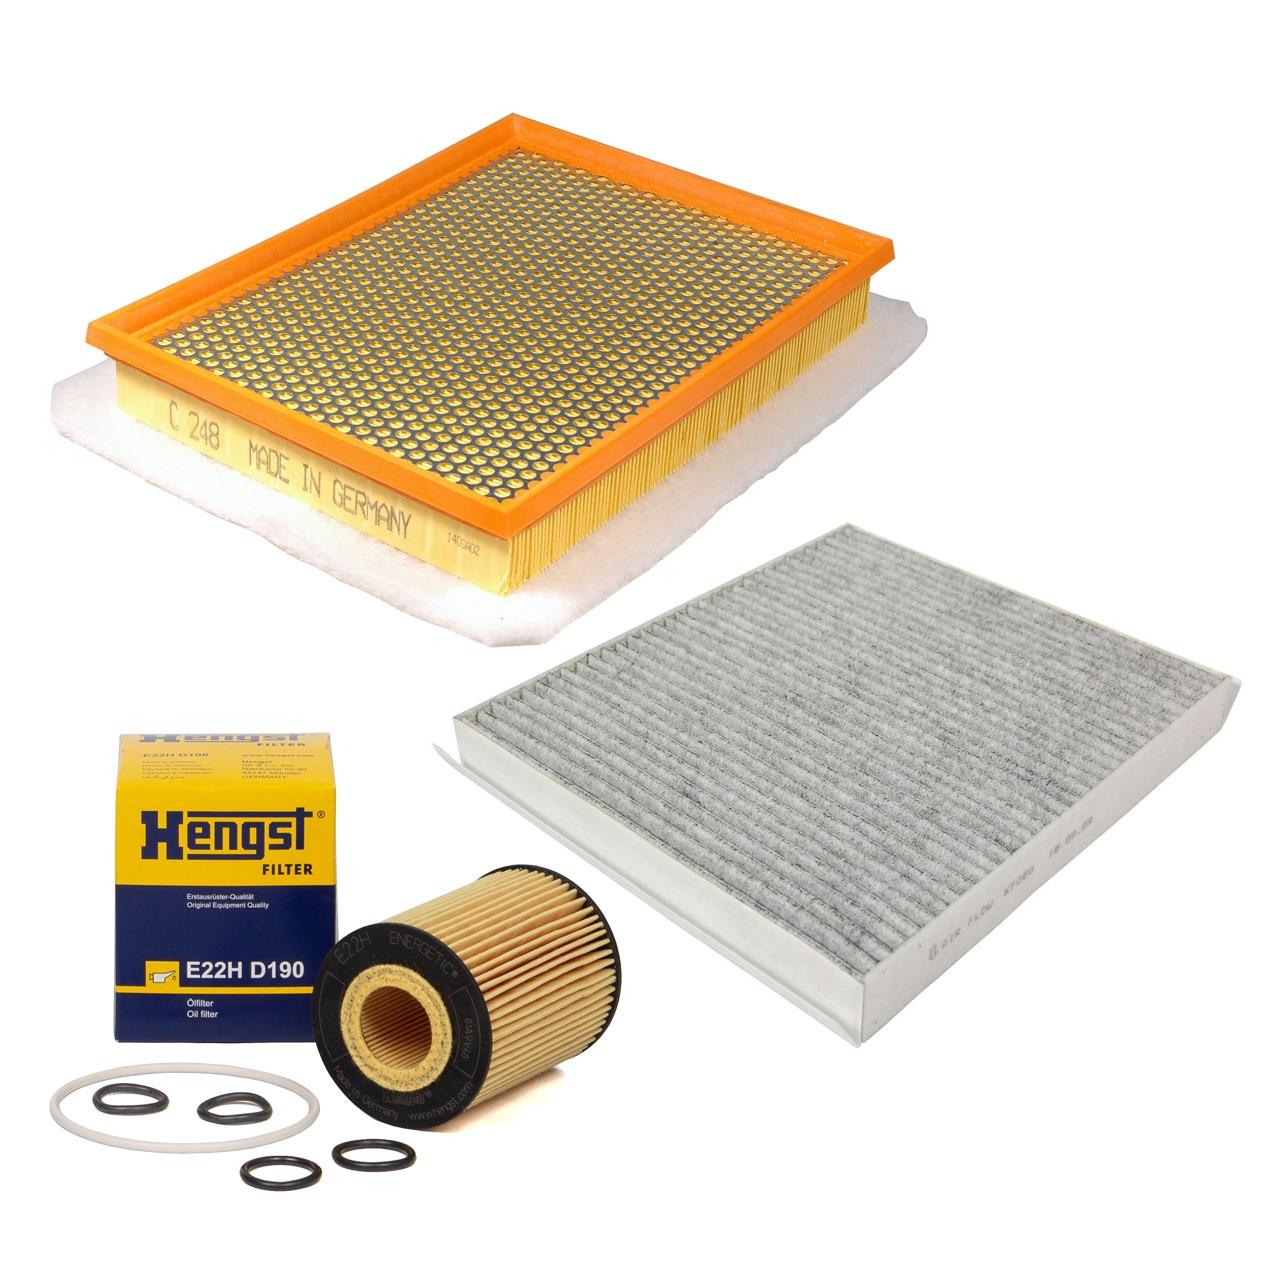 Inspektionskit Filterpaket Filterset für Opel Zafira B 1.7CDTI 110/125 PS